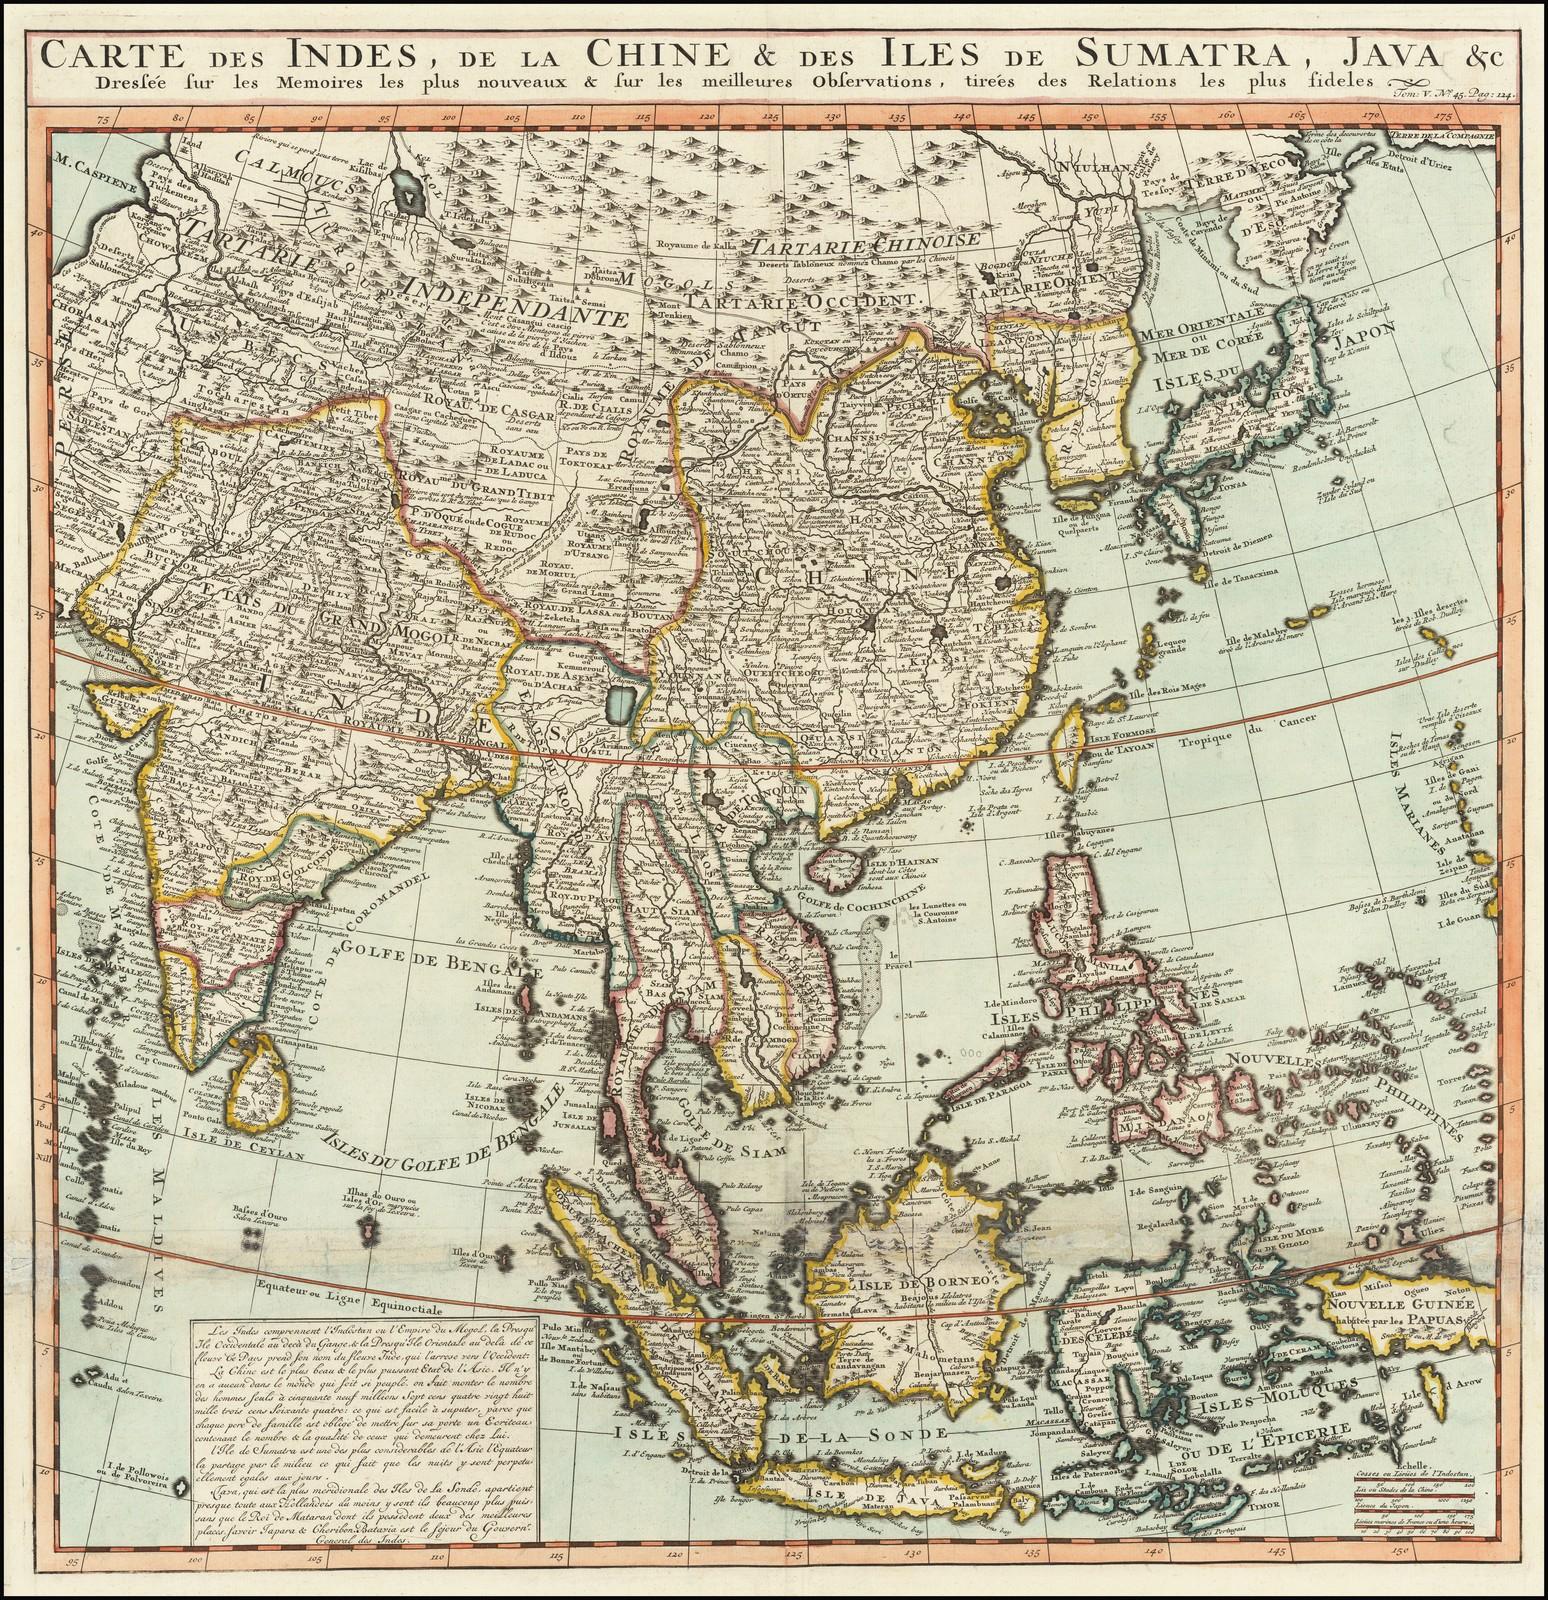 Большая и очень подробная карта Восточной Азии, от Индии и Индийского океана на западе до Японии, Кореи и Филиппин